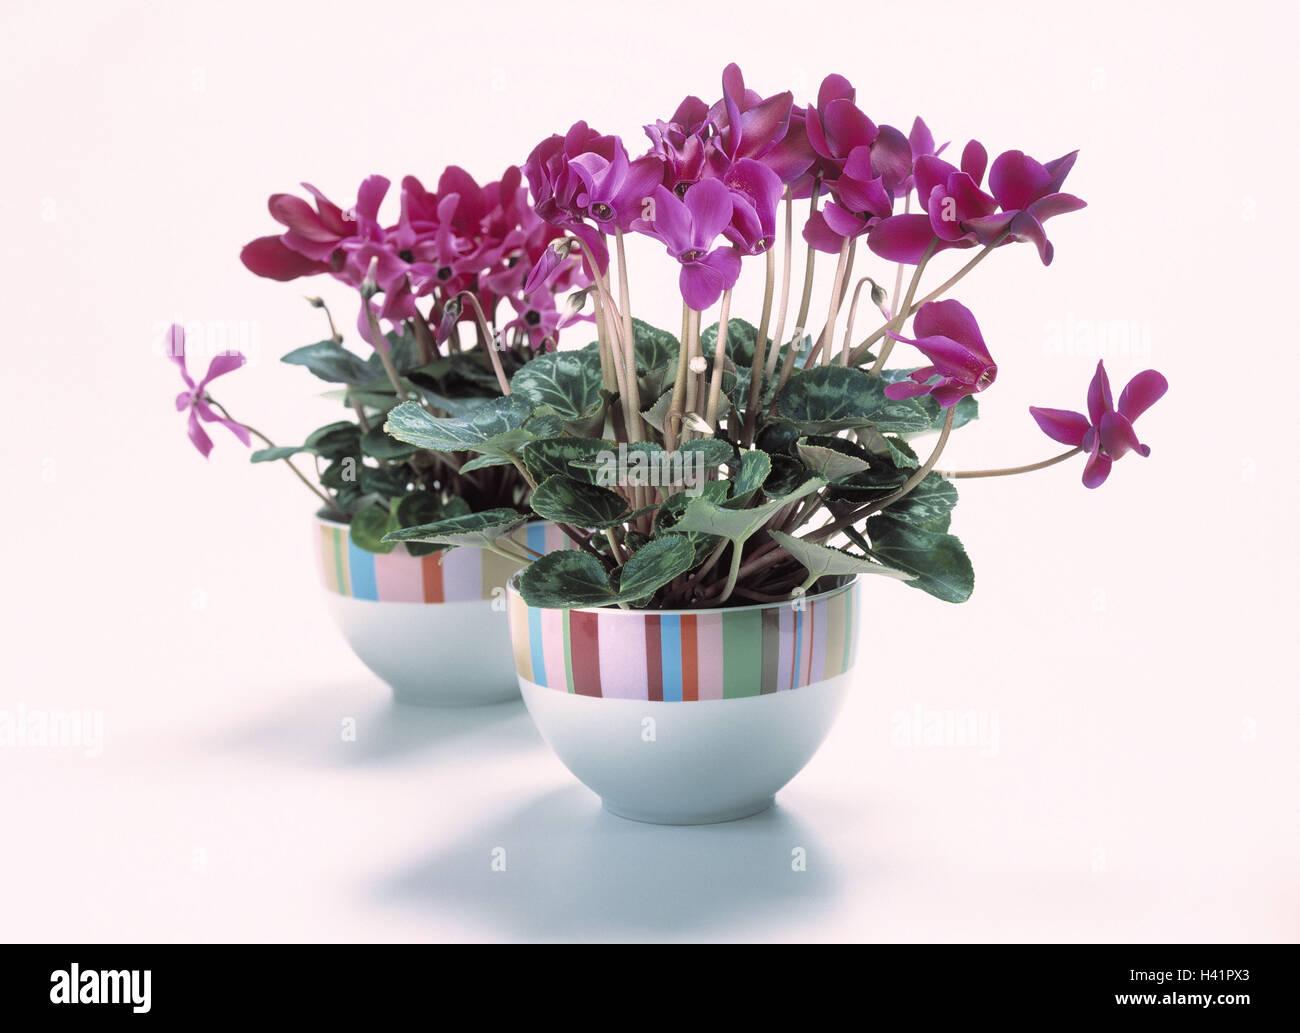 Cyclamens Macetas Plantas Macetas Con Plantas Plantas De Interior - Plantas-interior-con-flor